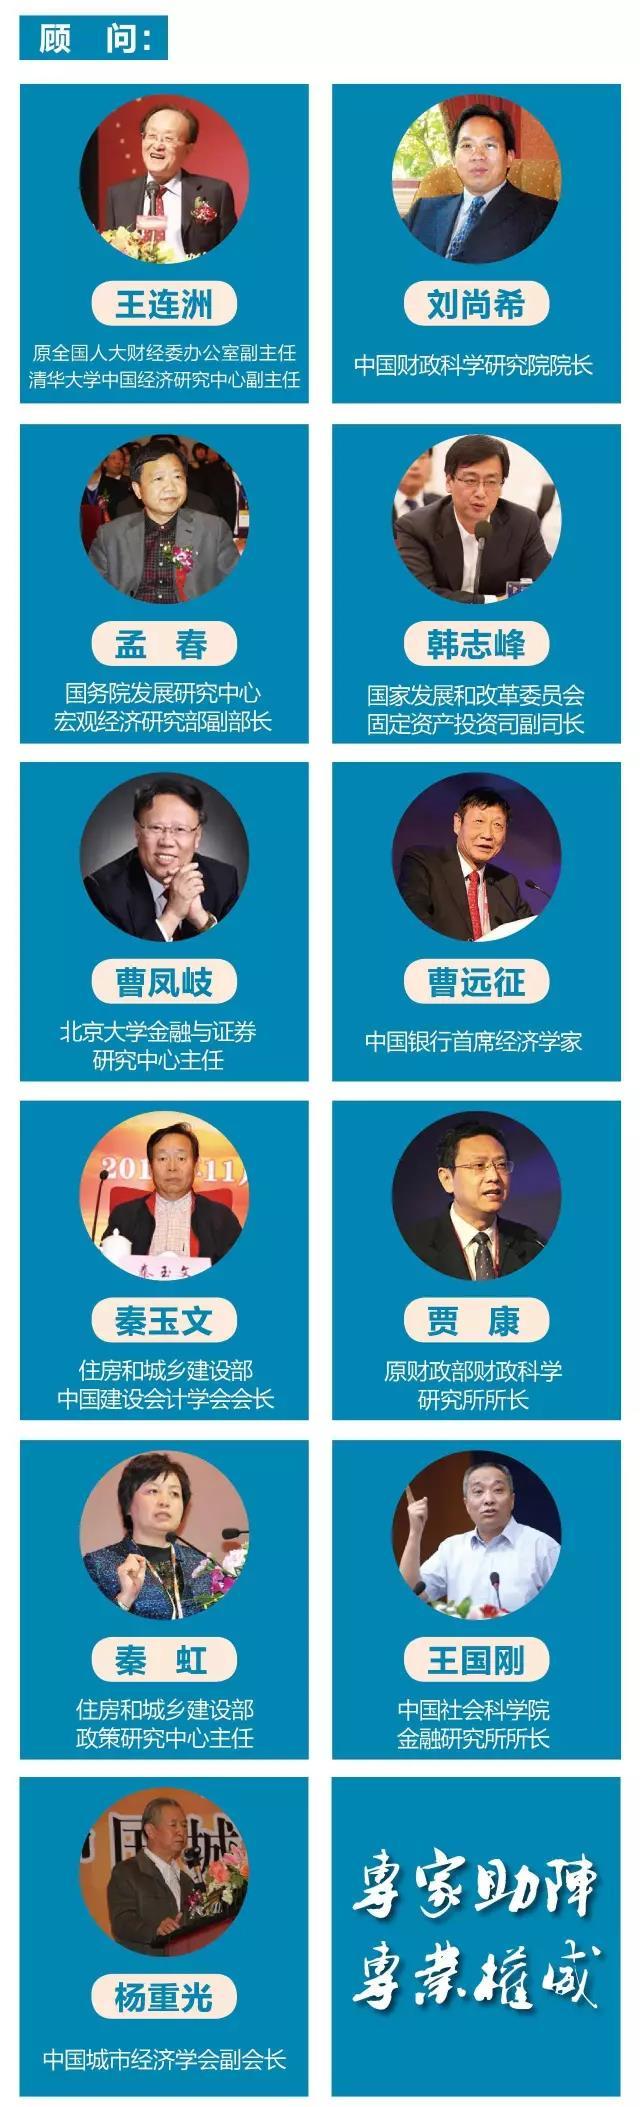 2017城投蓝皮书_中国城投行业发展报告_顾问